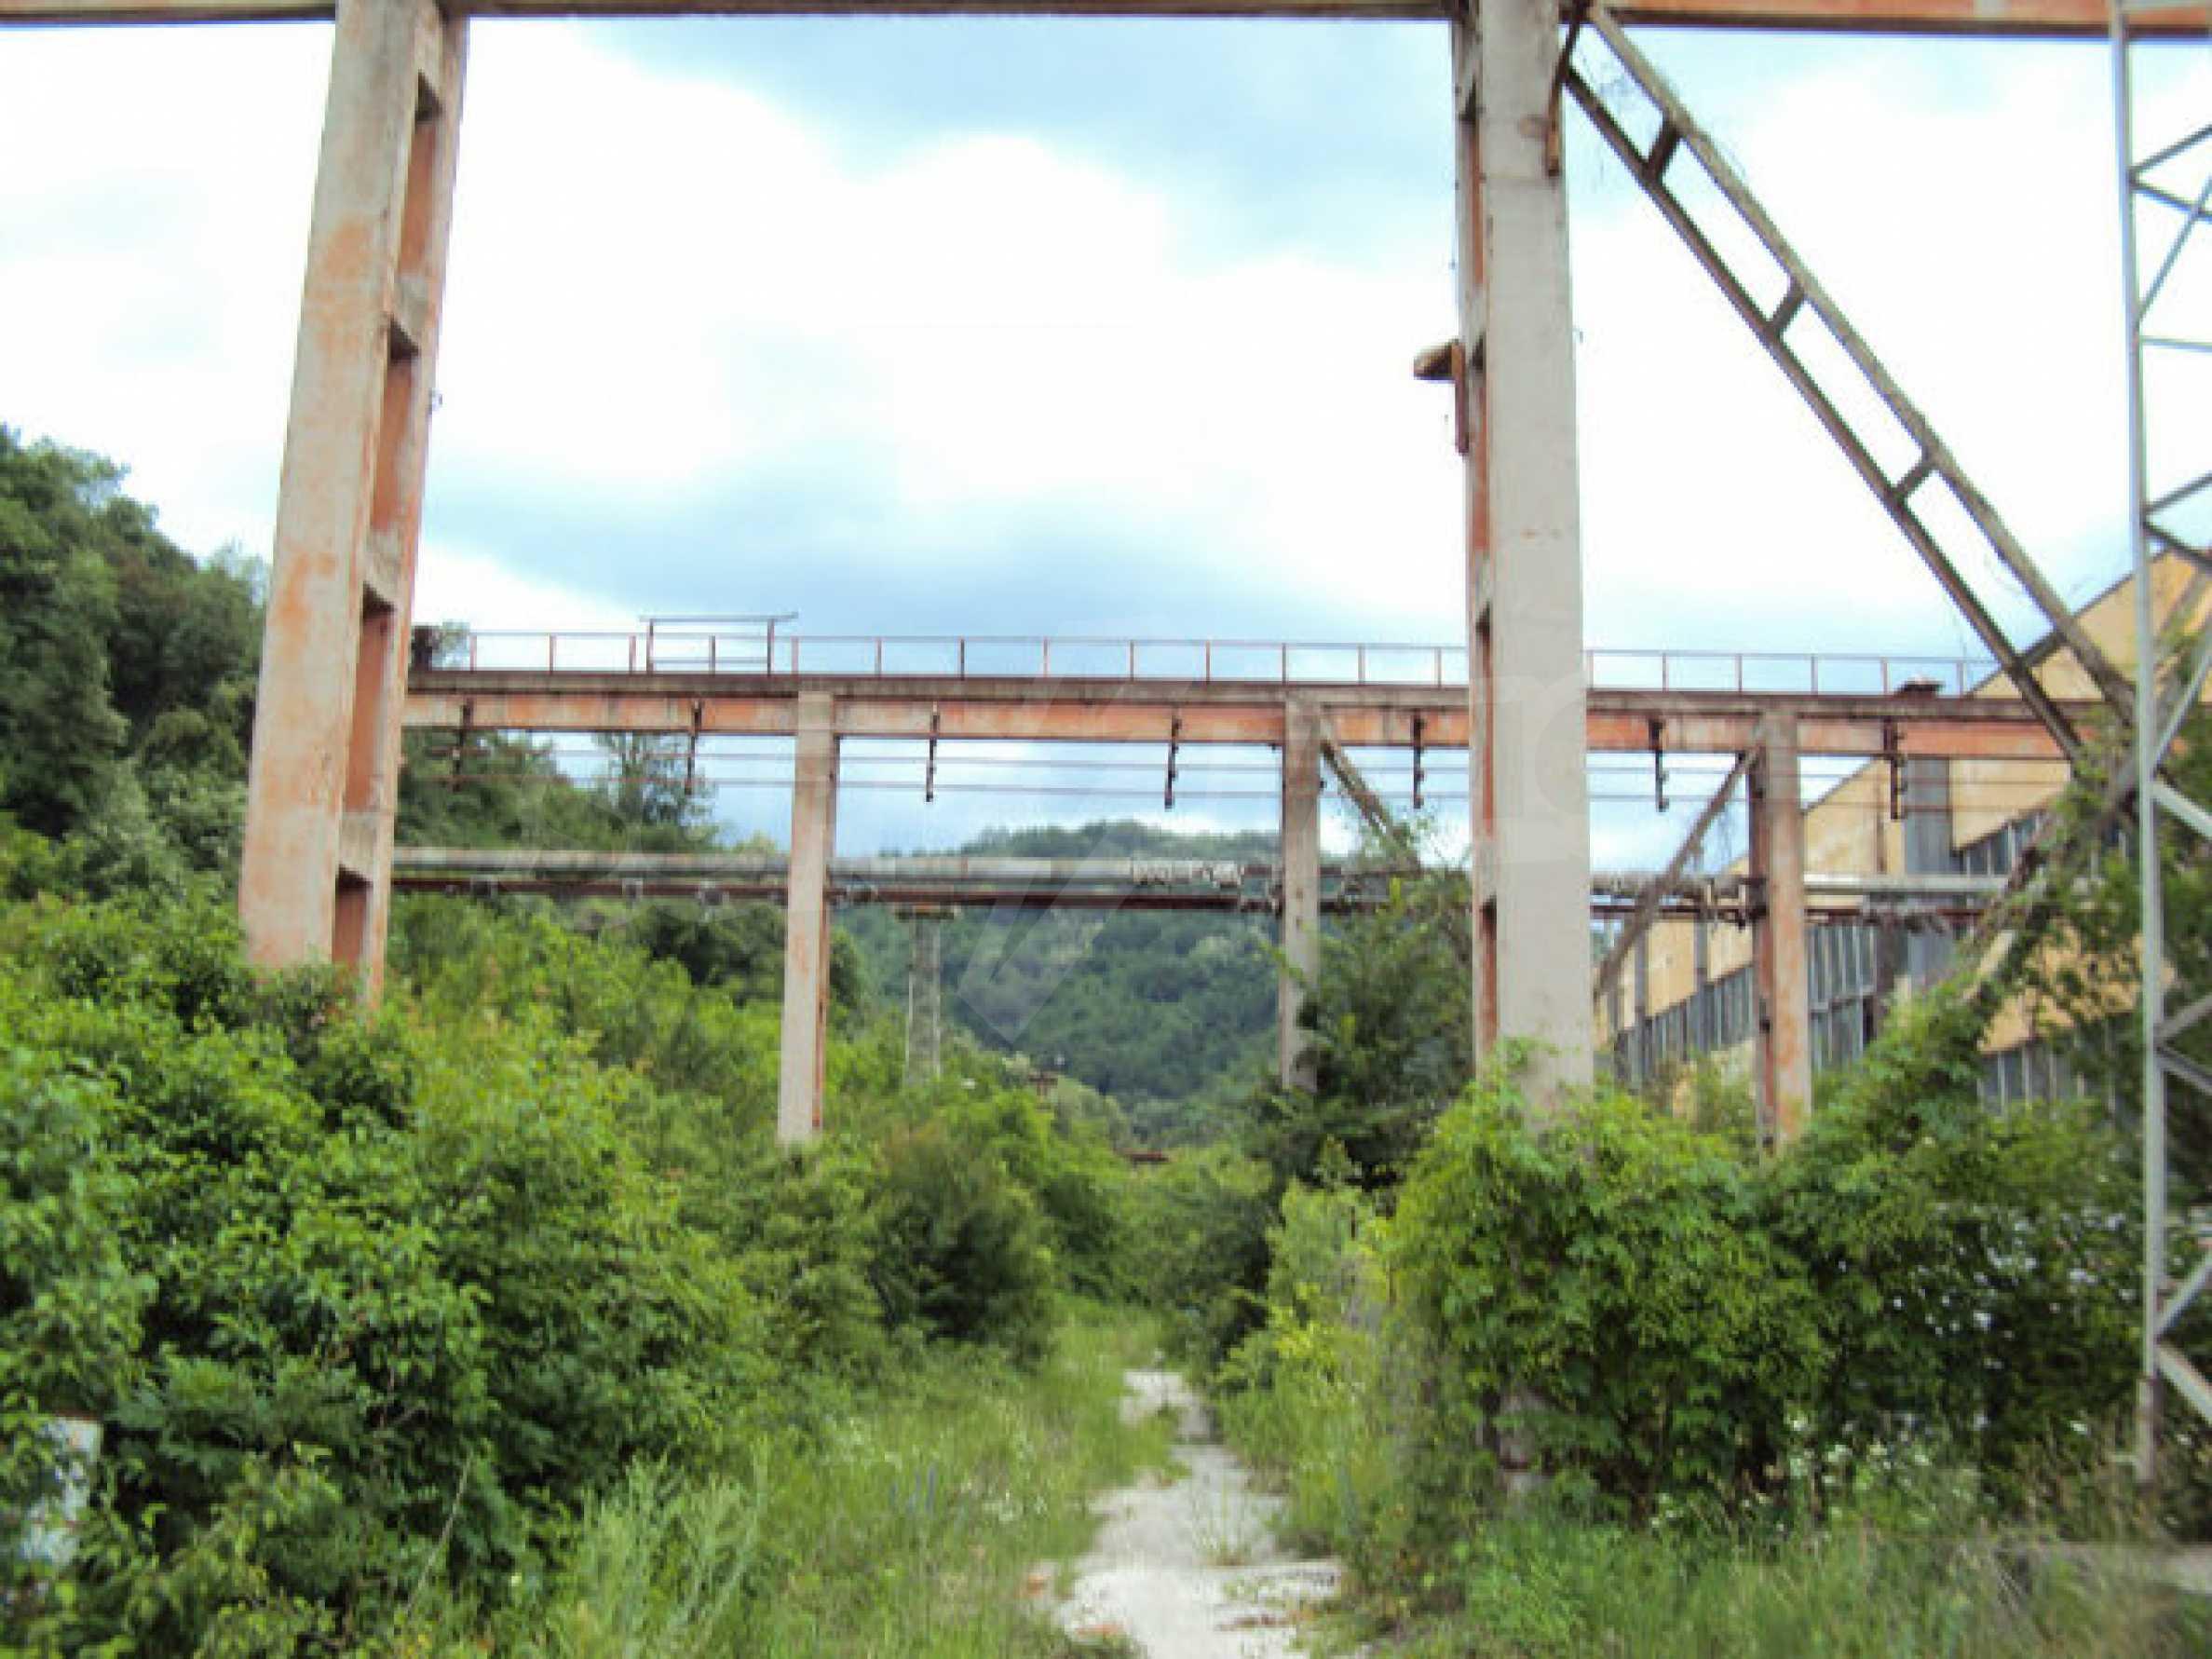 Factory for metal parts in Veliko Tarnovo 16